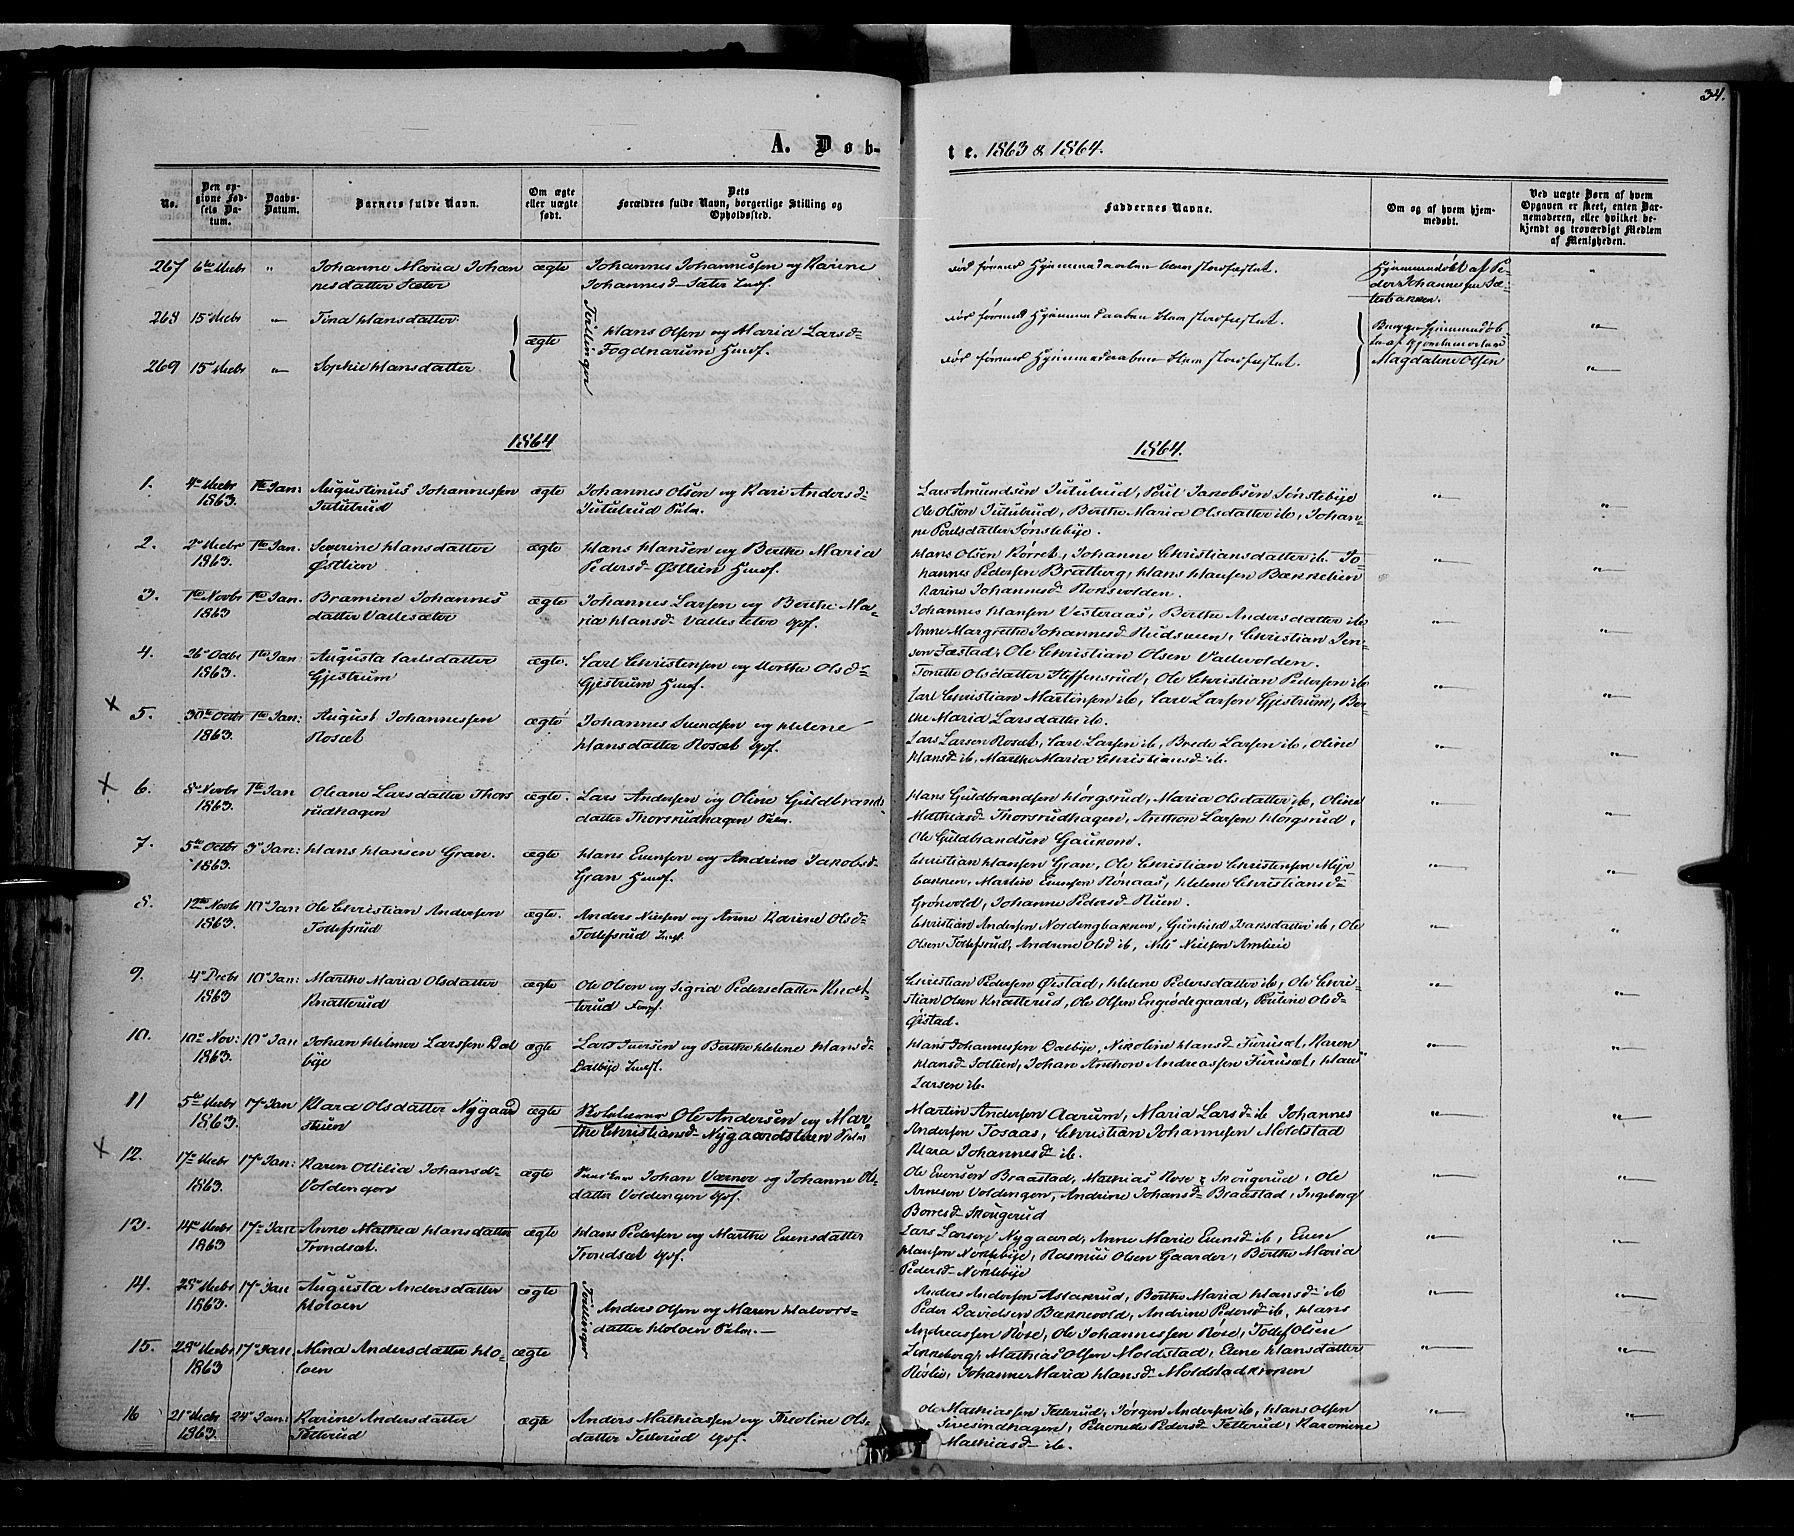 SAH, Vestre Toten prestekontor, Ministerialbok nr. 7, 1862-1869, s. 34